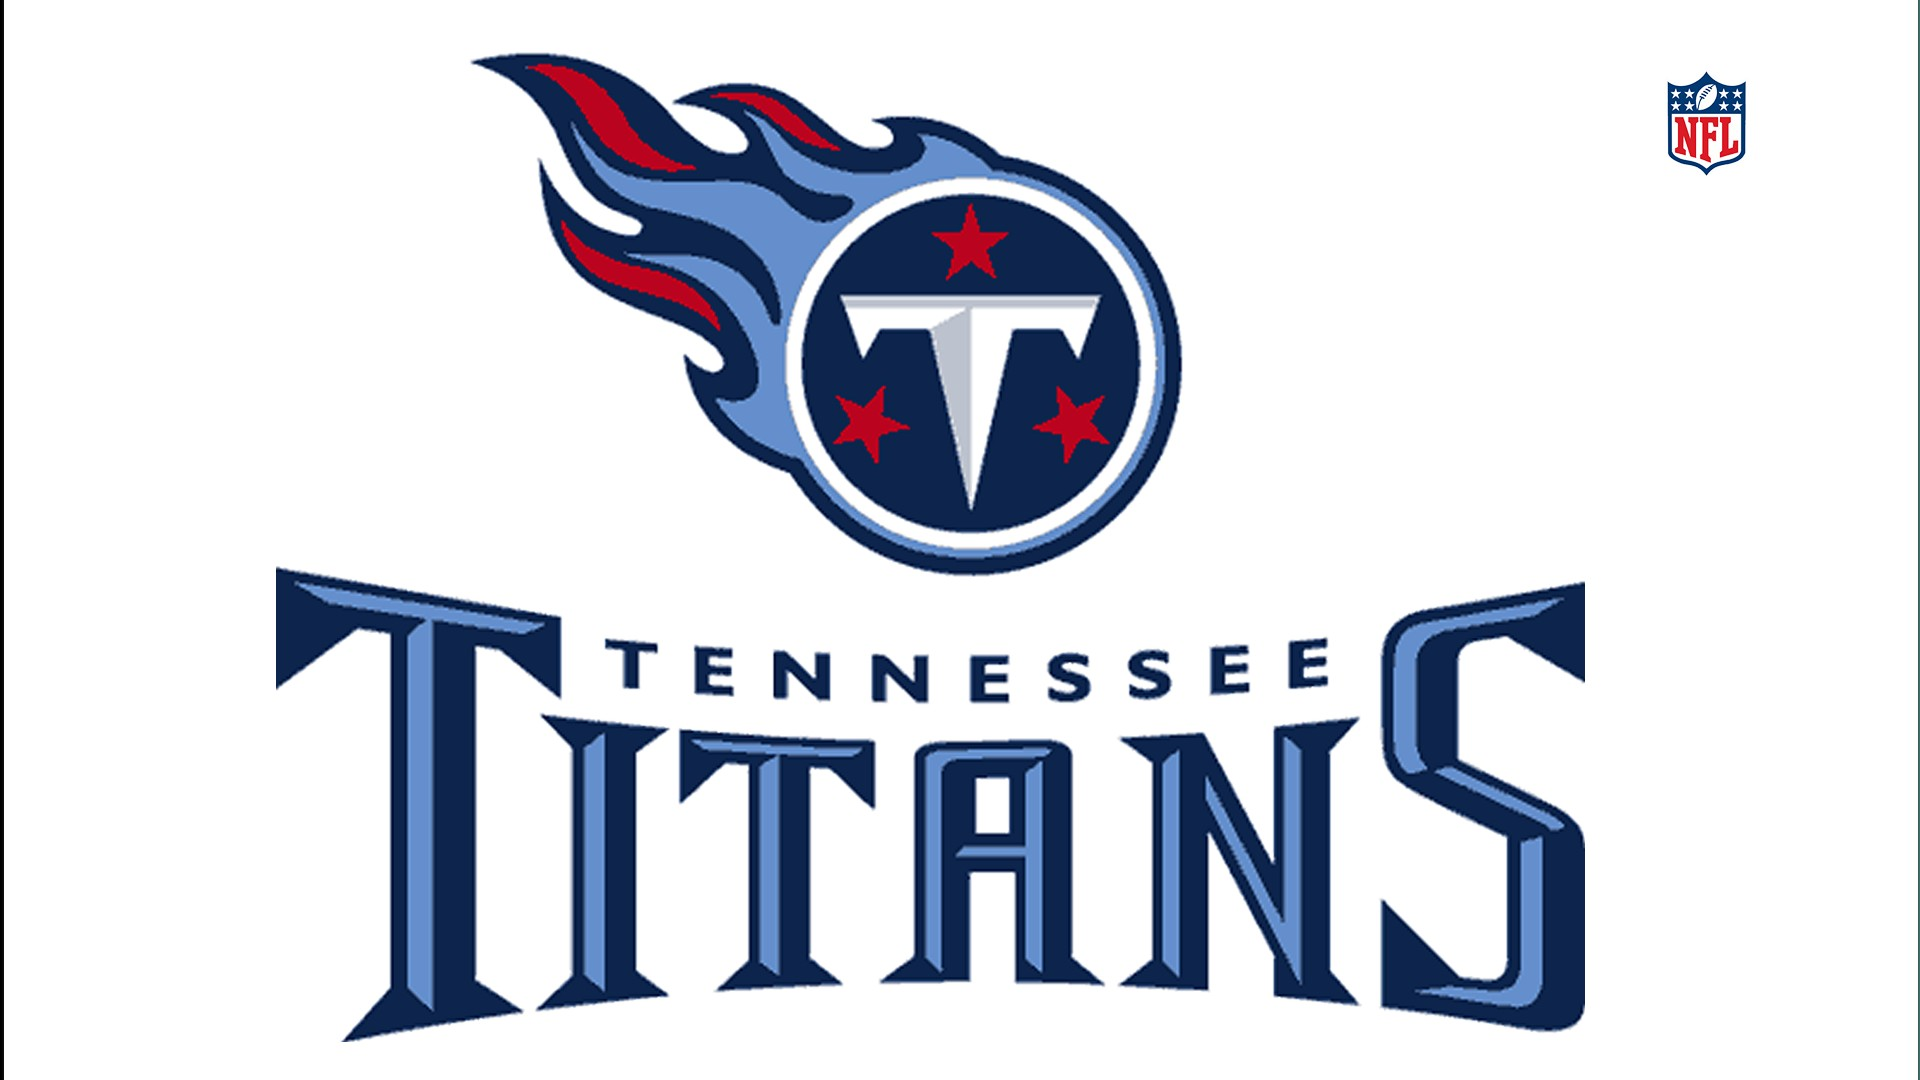 Tennessee Titans - Dr. Odd